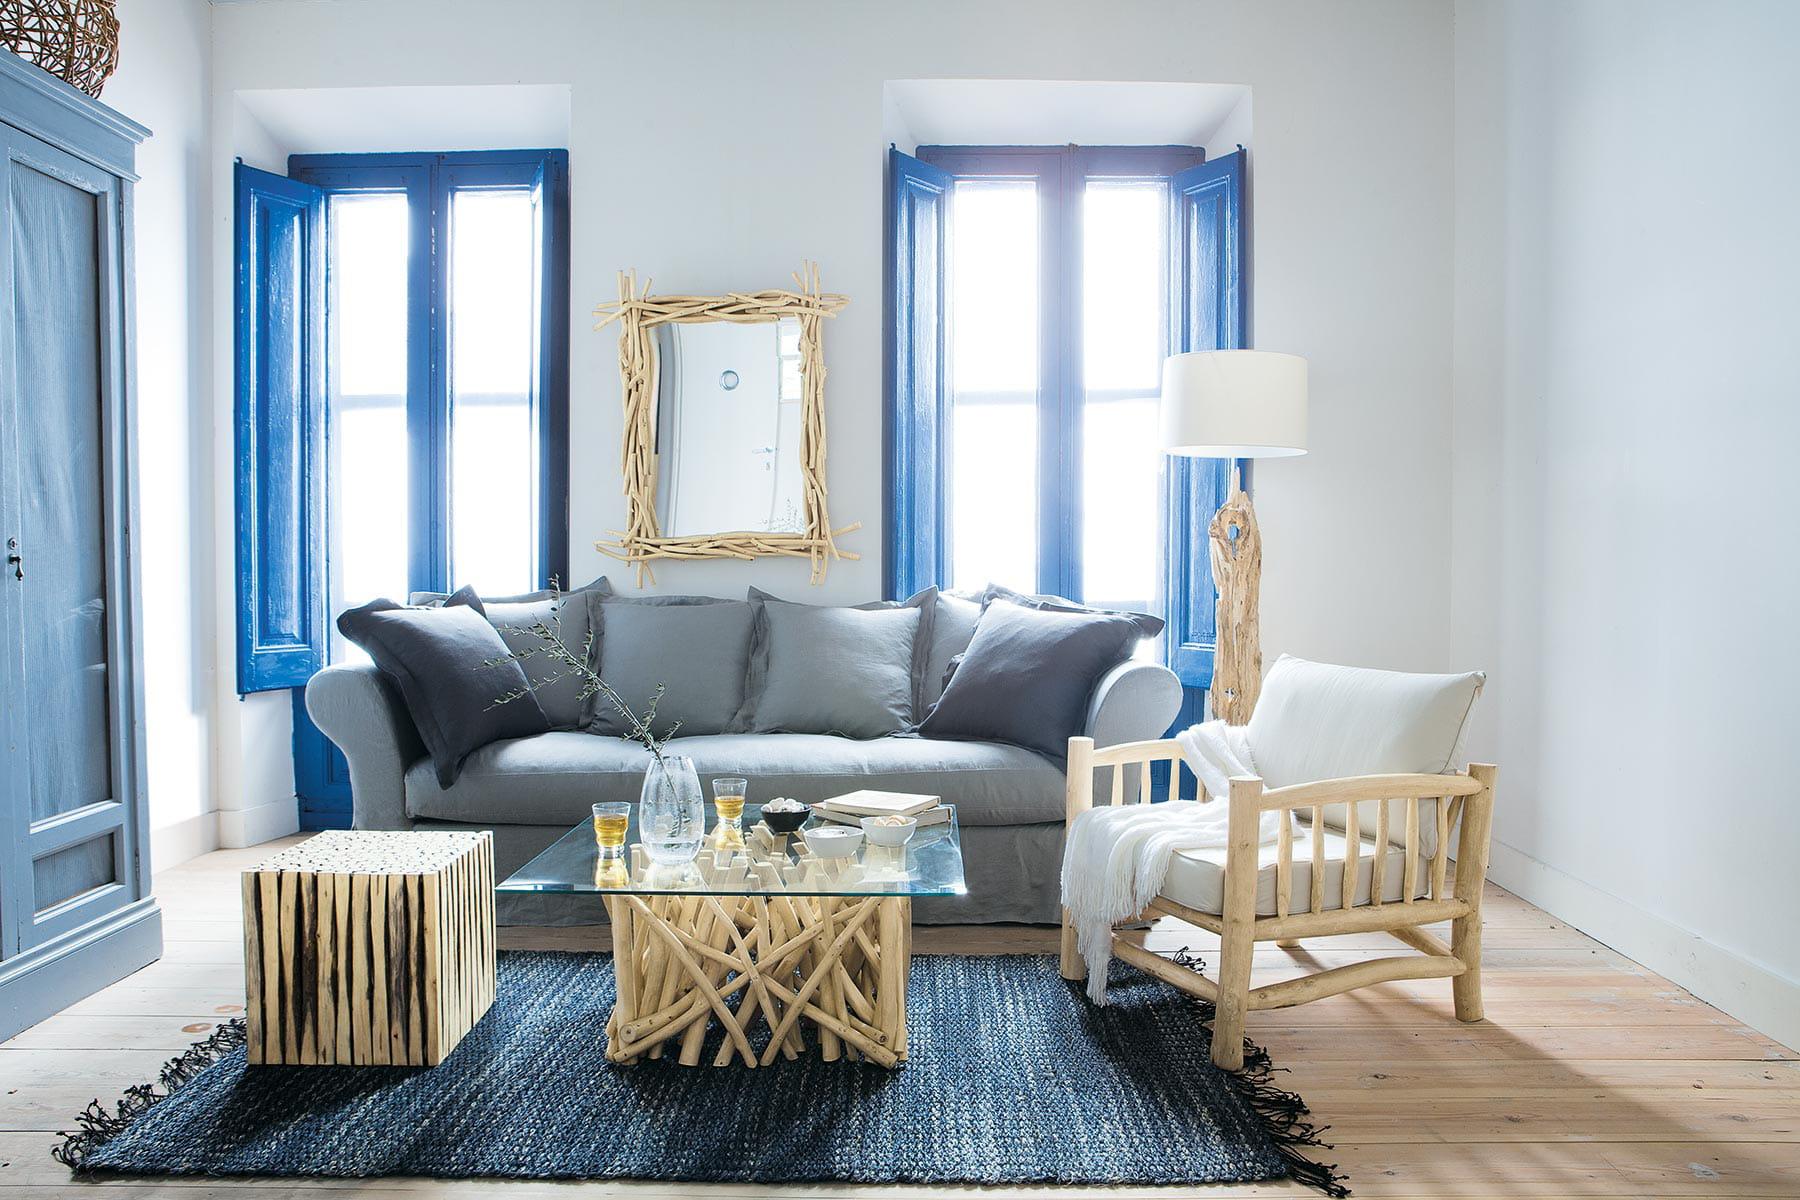 Des meubles effet bois flott - Meuble bois flotte ...